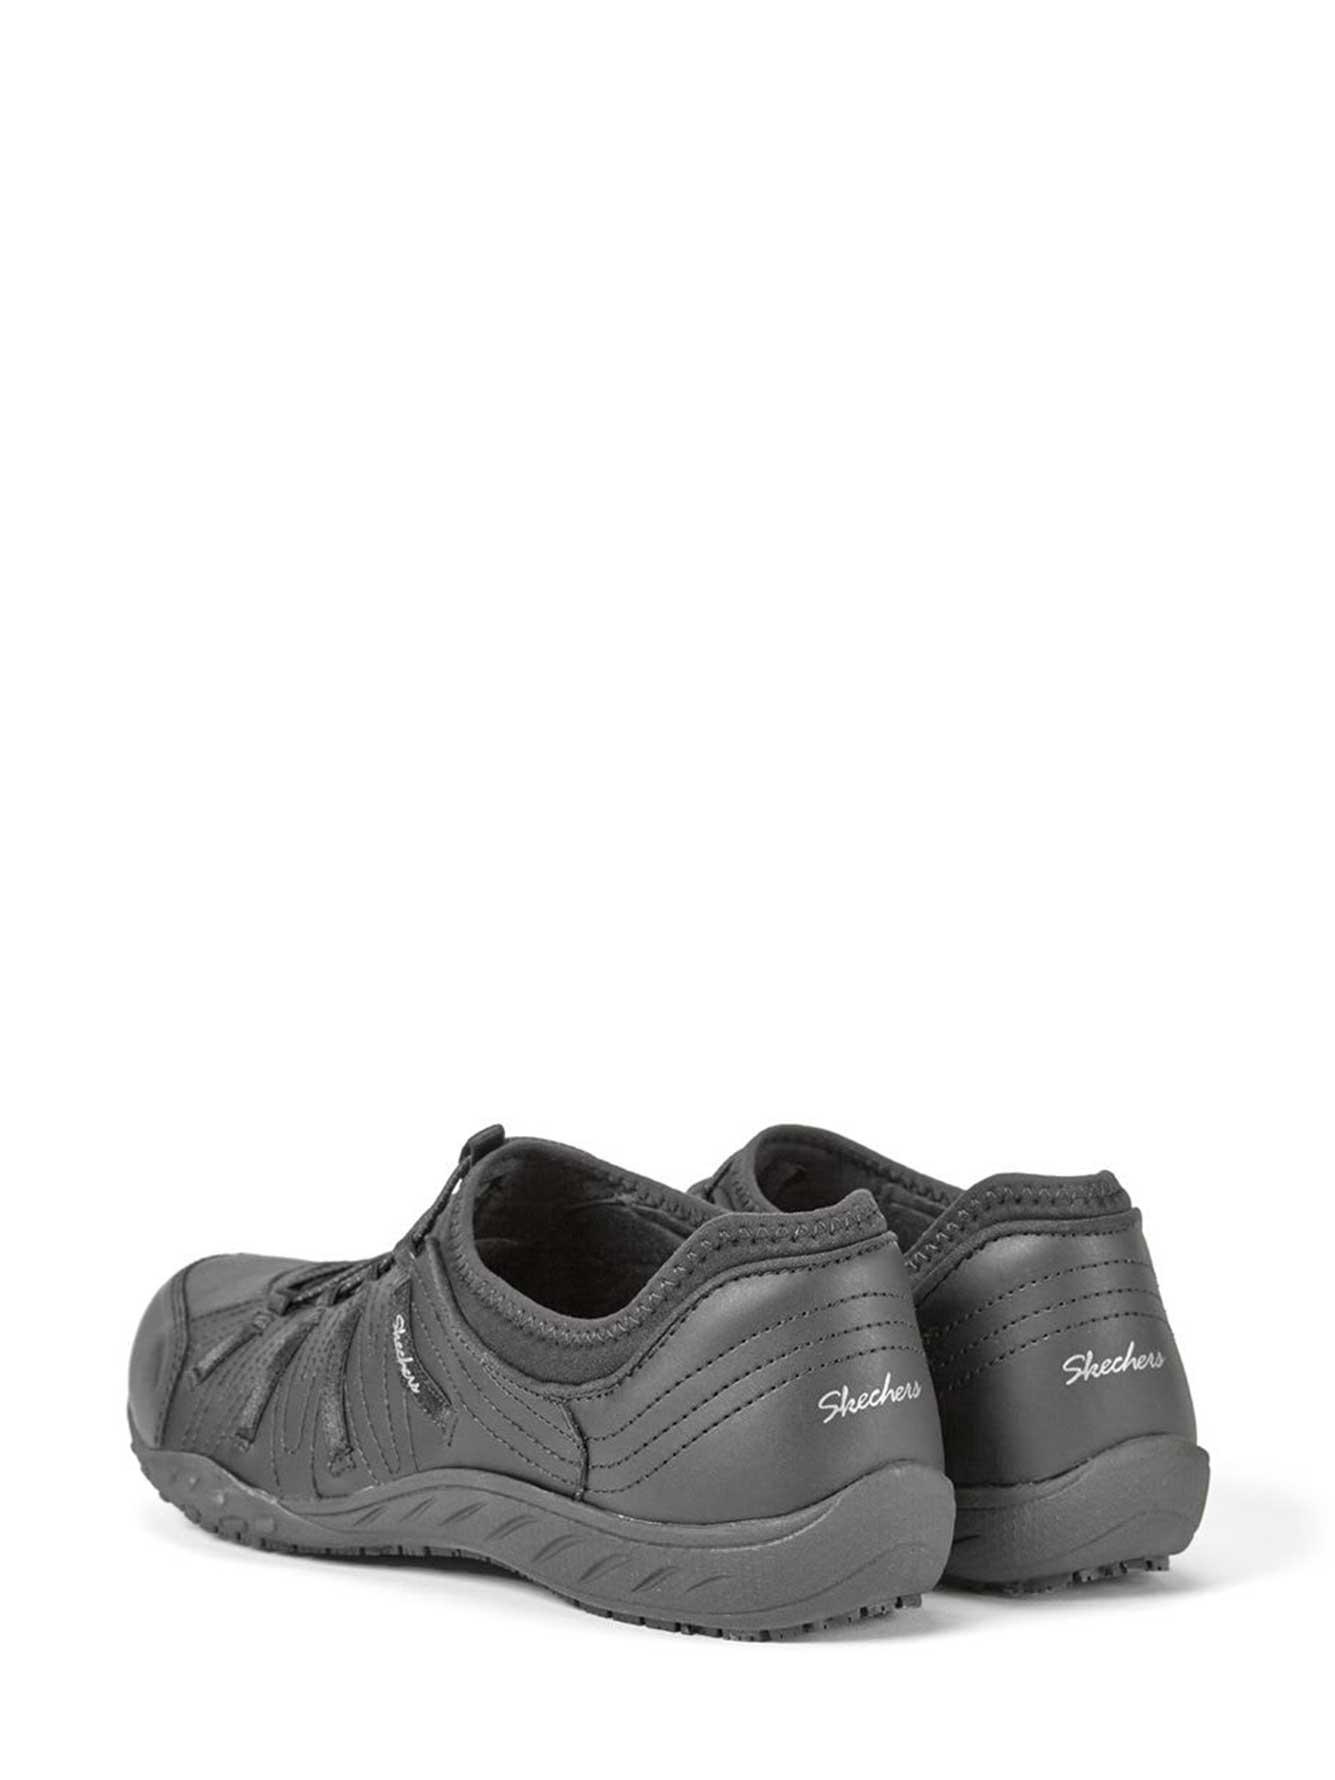 skechers chaussures de marche pieds larges penningtons. Black Bedroom Furniture Sets. Home Design Ideas